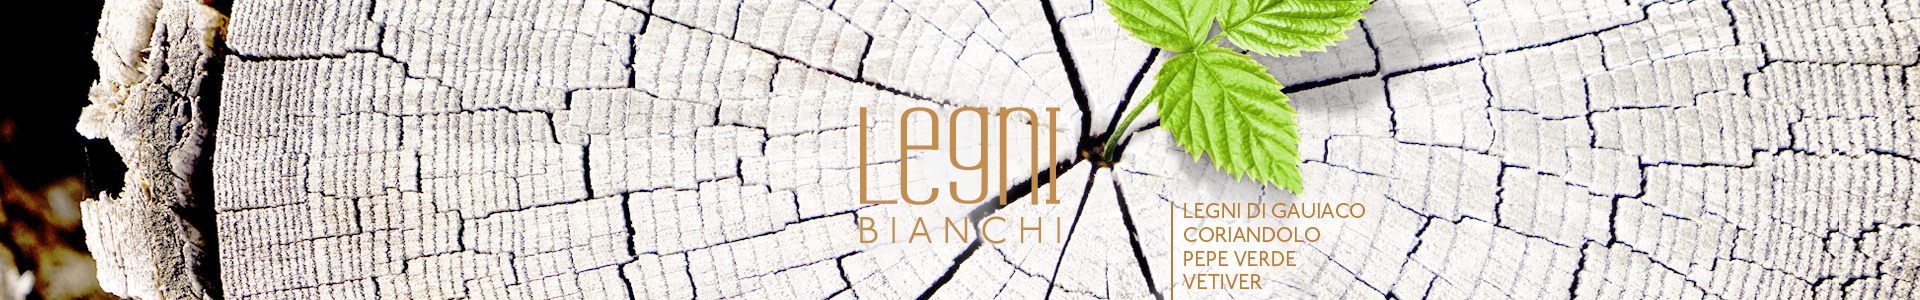 Legni Bianchi